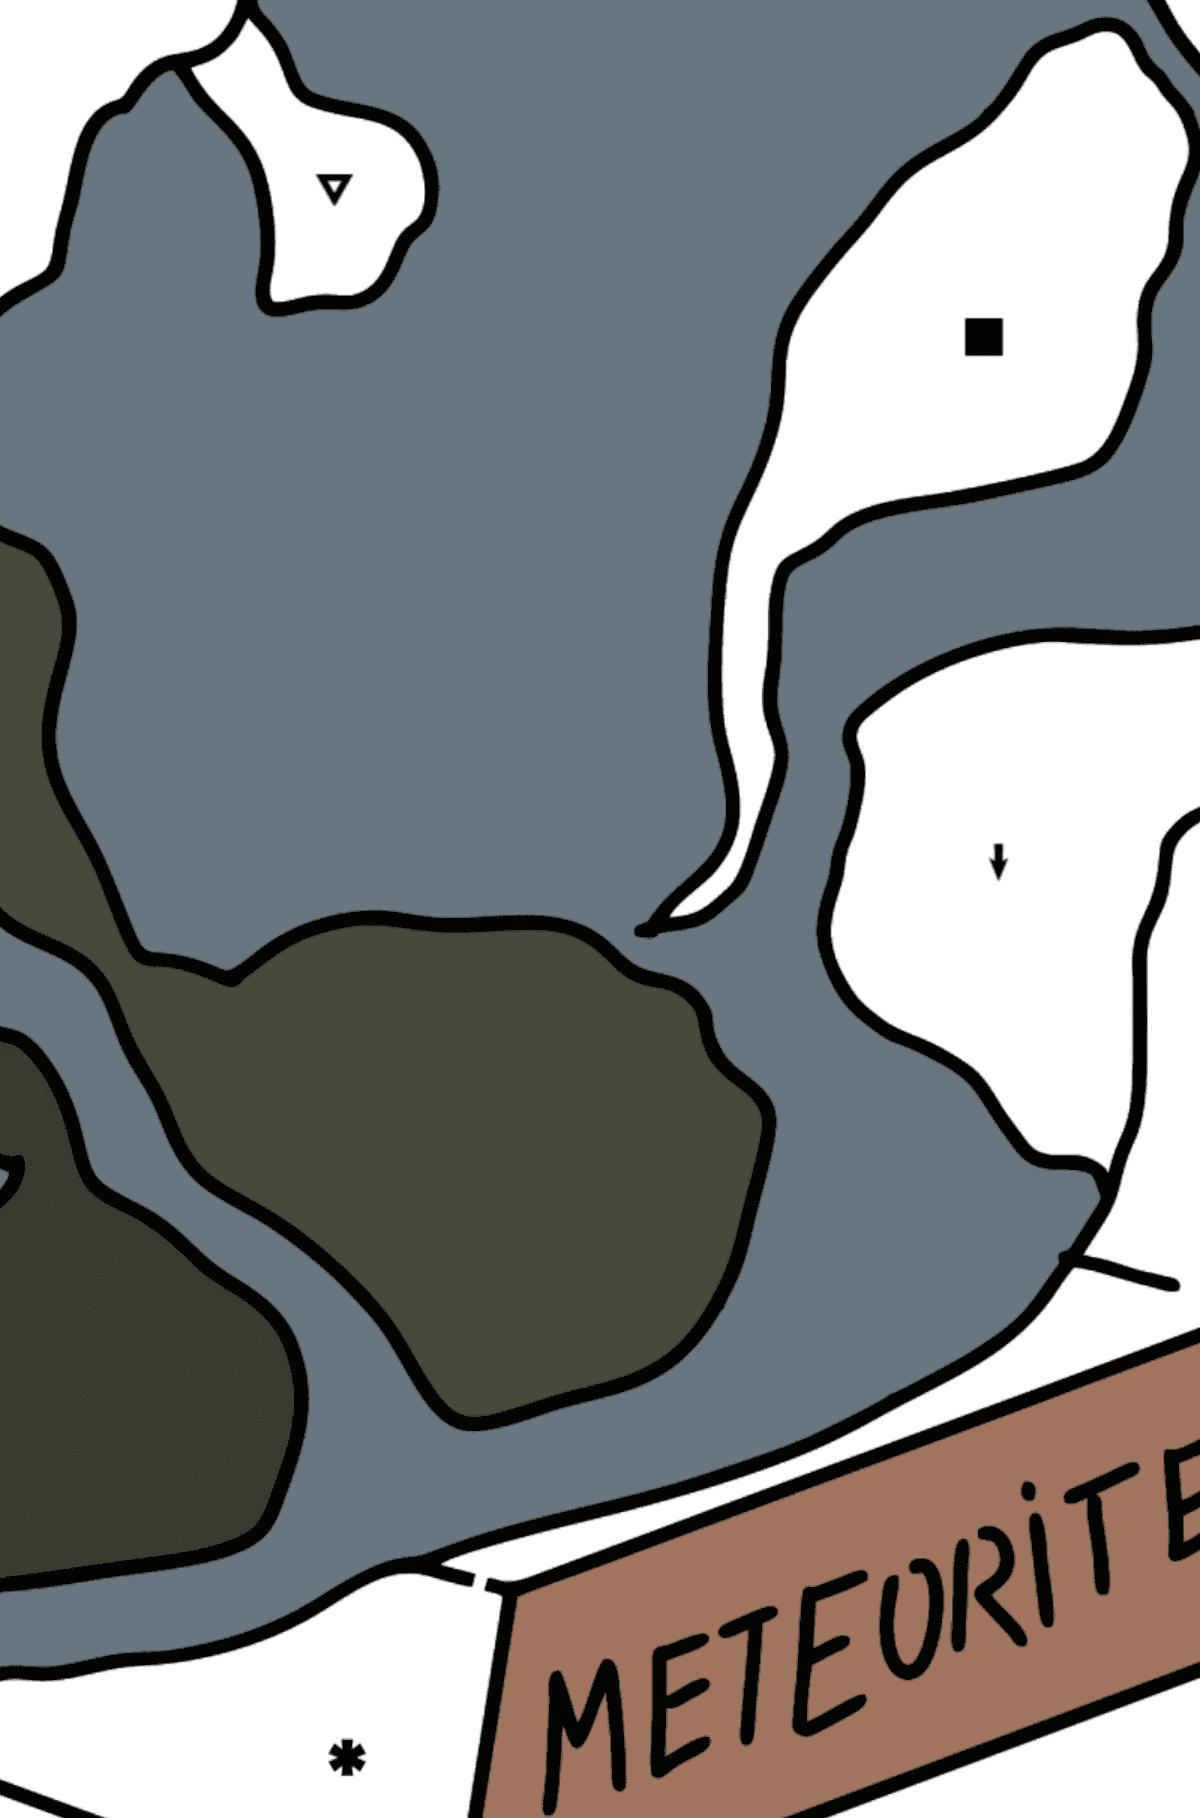 Раскраска метеорит - Раскраска по Символам для Детей